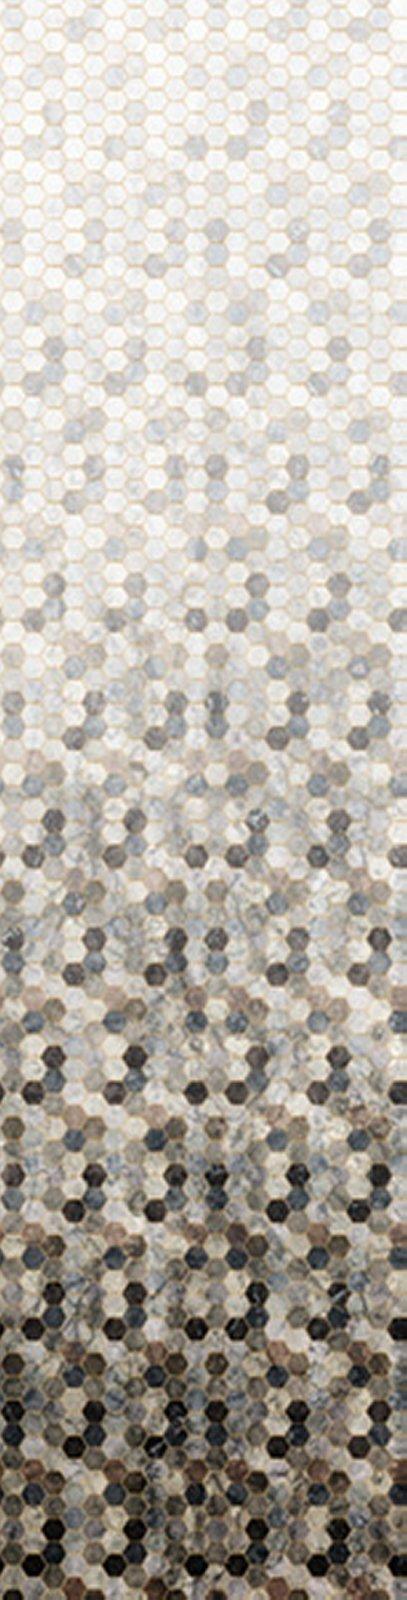 Backsplash Granite by Hoffman